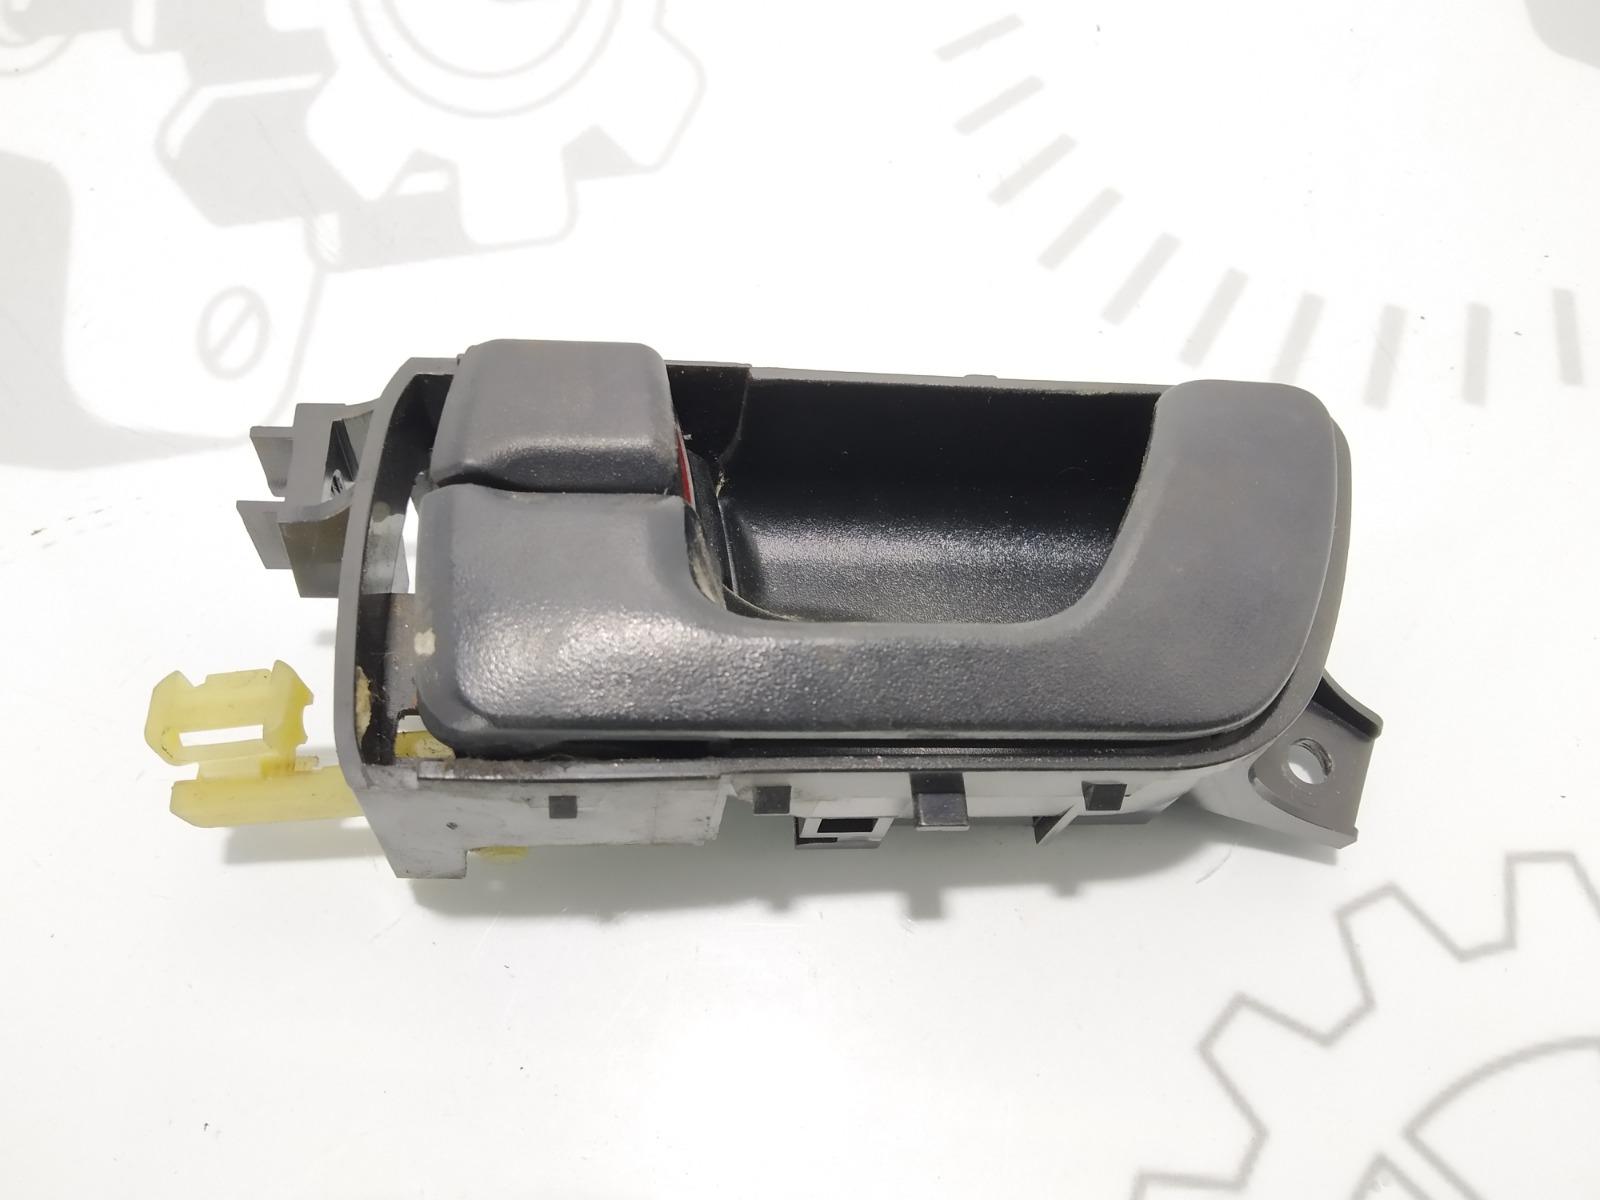 Ручка внутренняя передняя левая Mitsubishi Space Wagon 3 2.4 I 2001 (б/у)